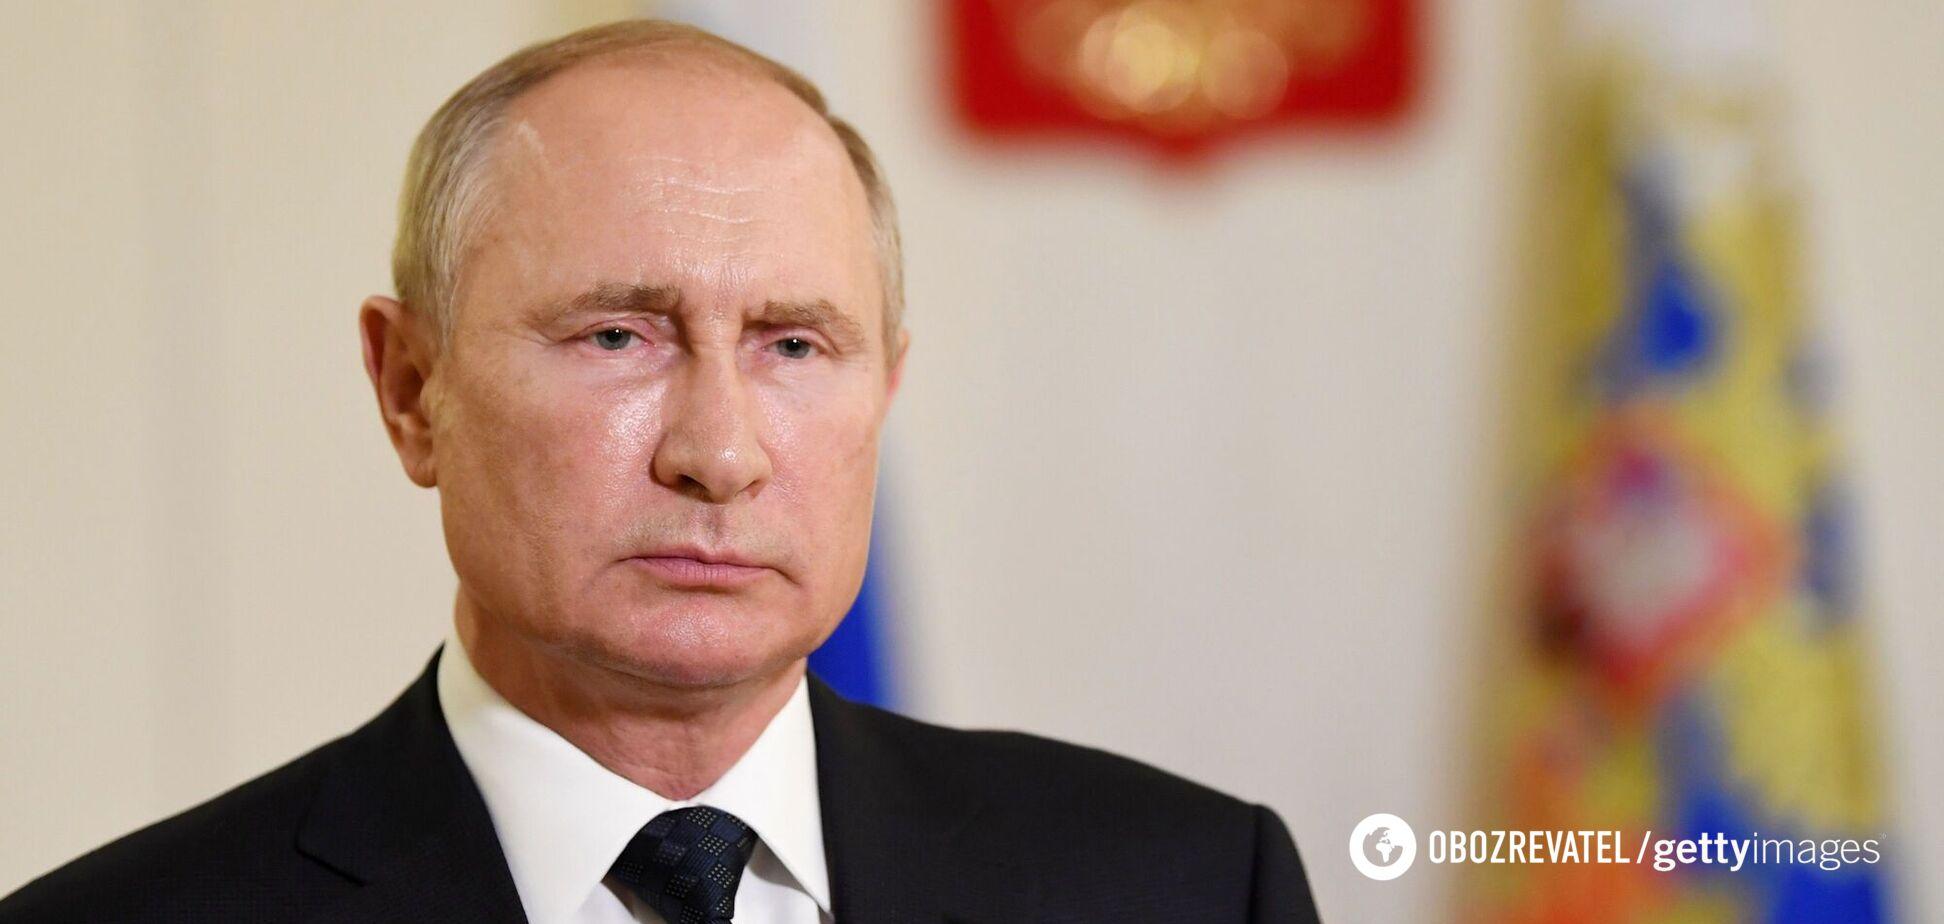 Байден и Путин обсудили возможность вступления Украины в НАТО